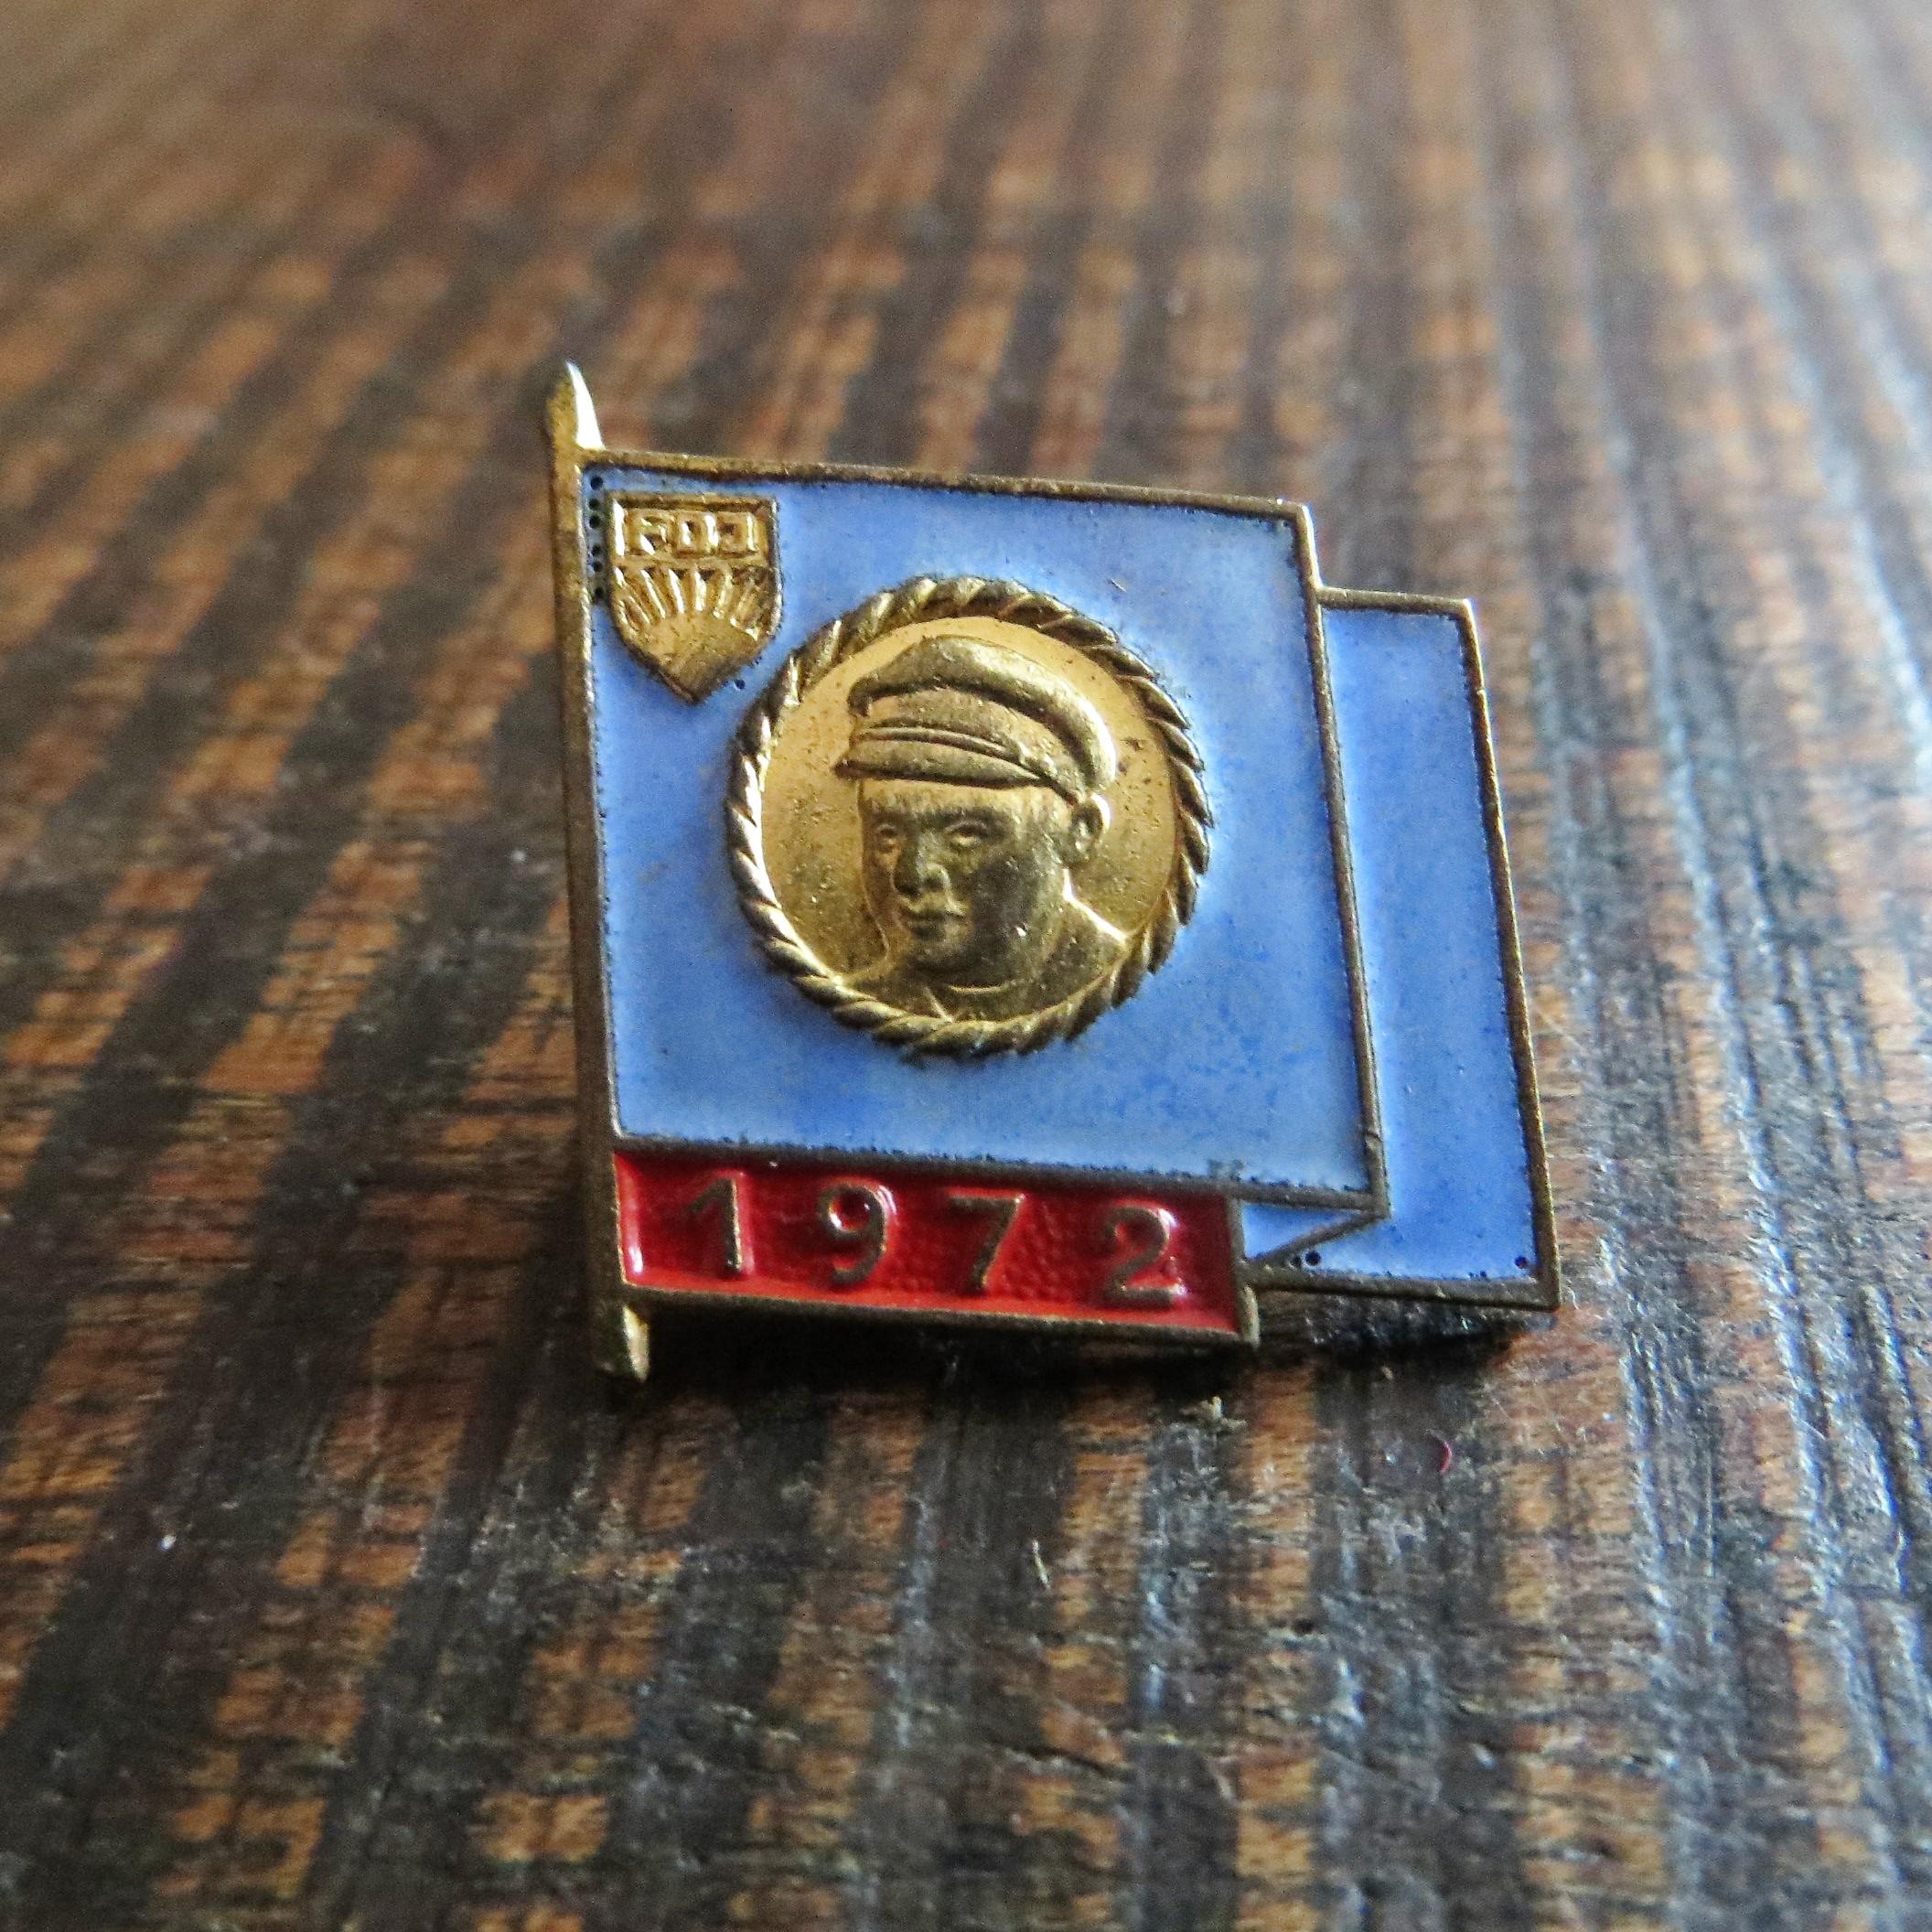 Pin Thalmann 1972 (1)